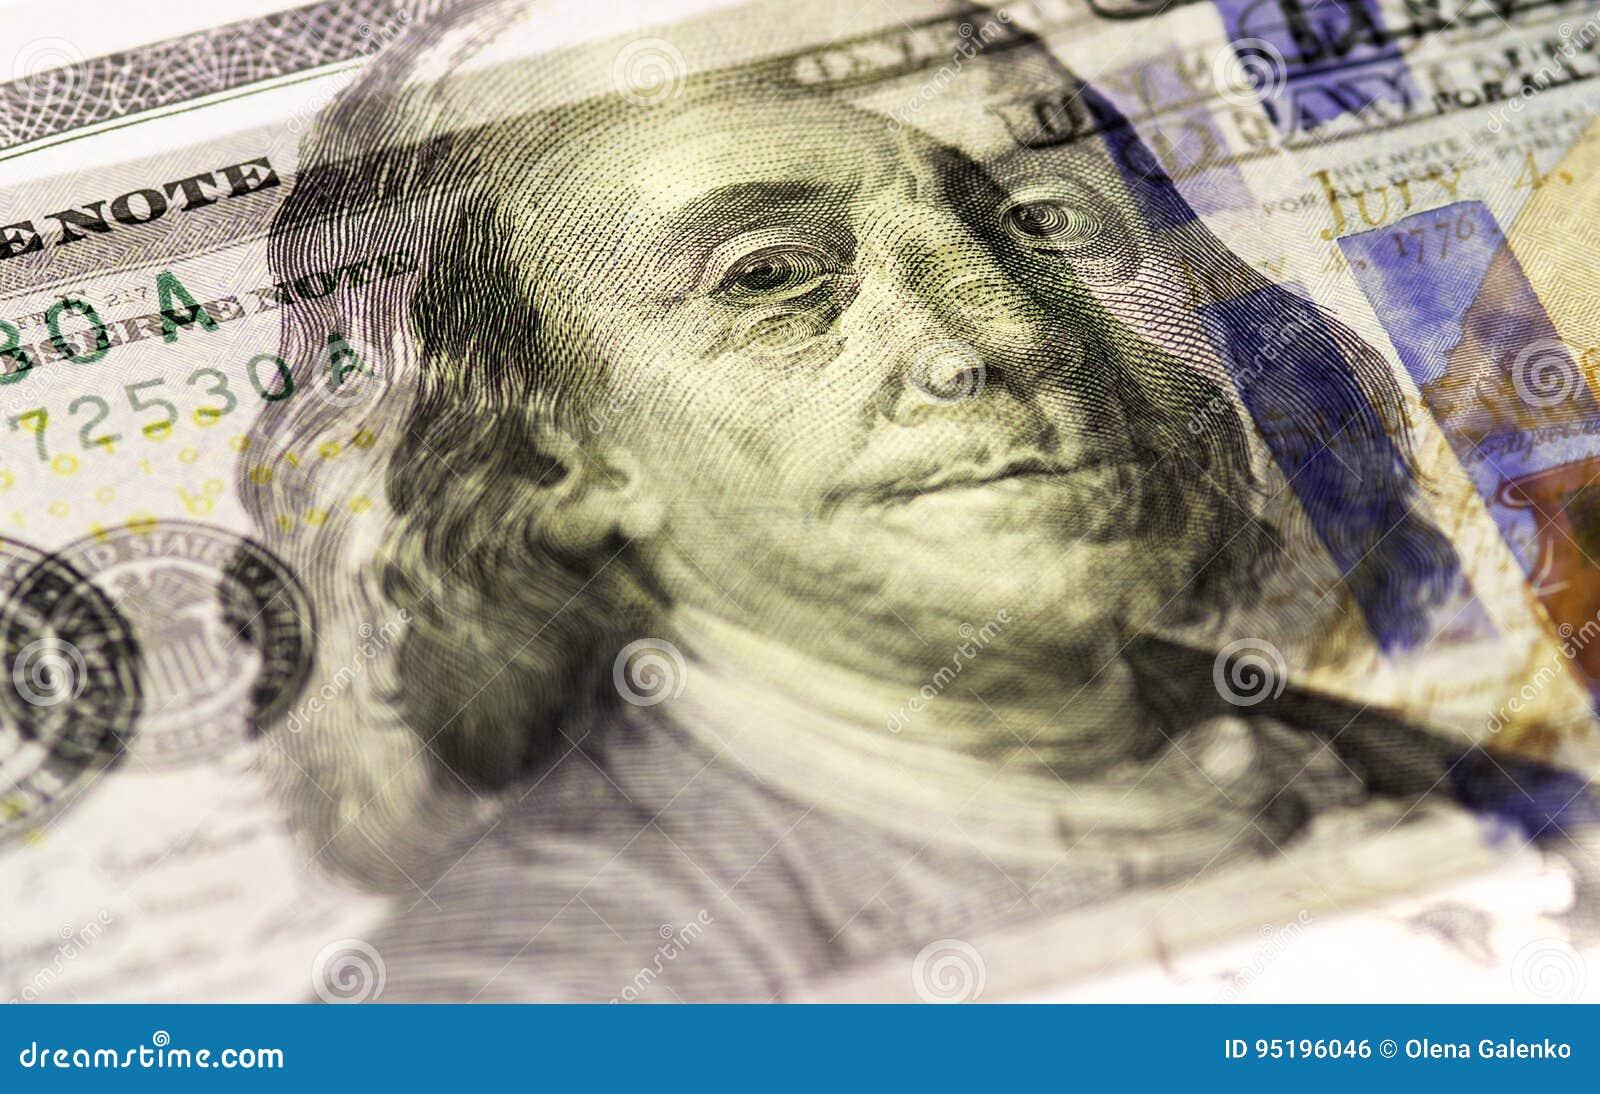 Benjamin Franklin Face On US Hundred Or 100 Dollars Bill